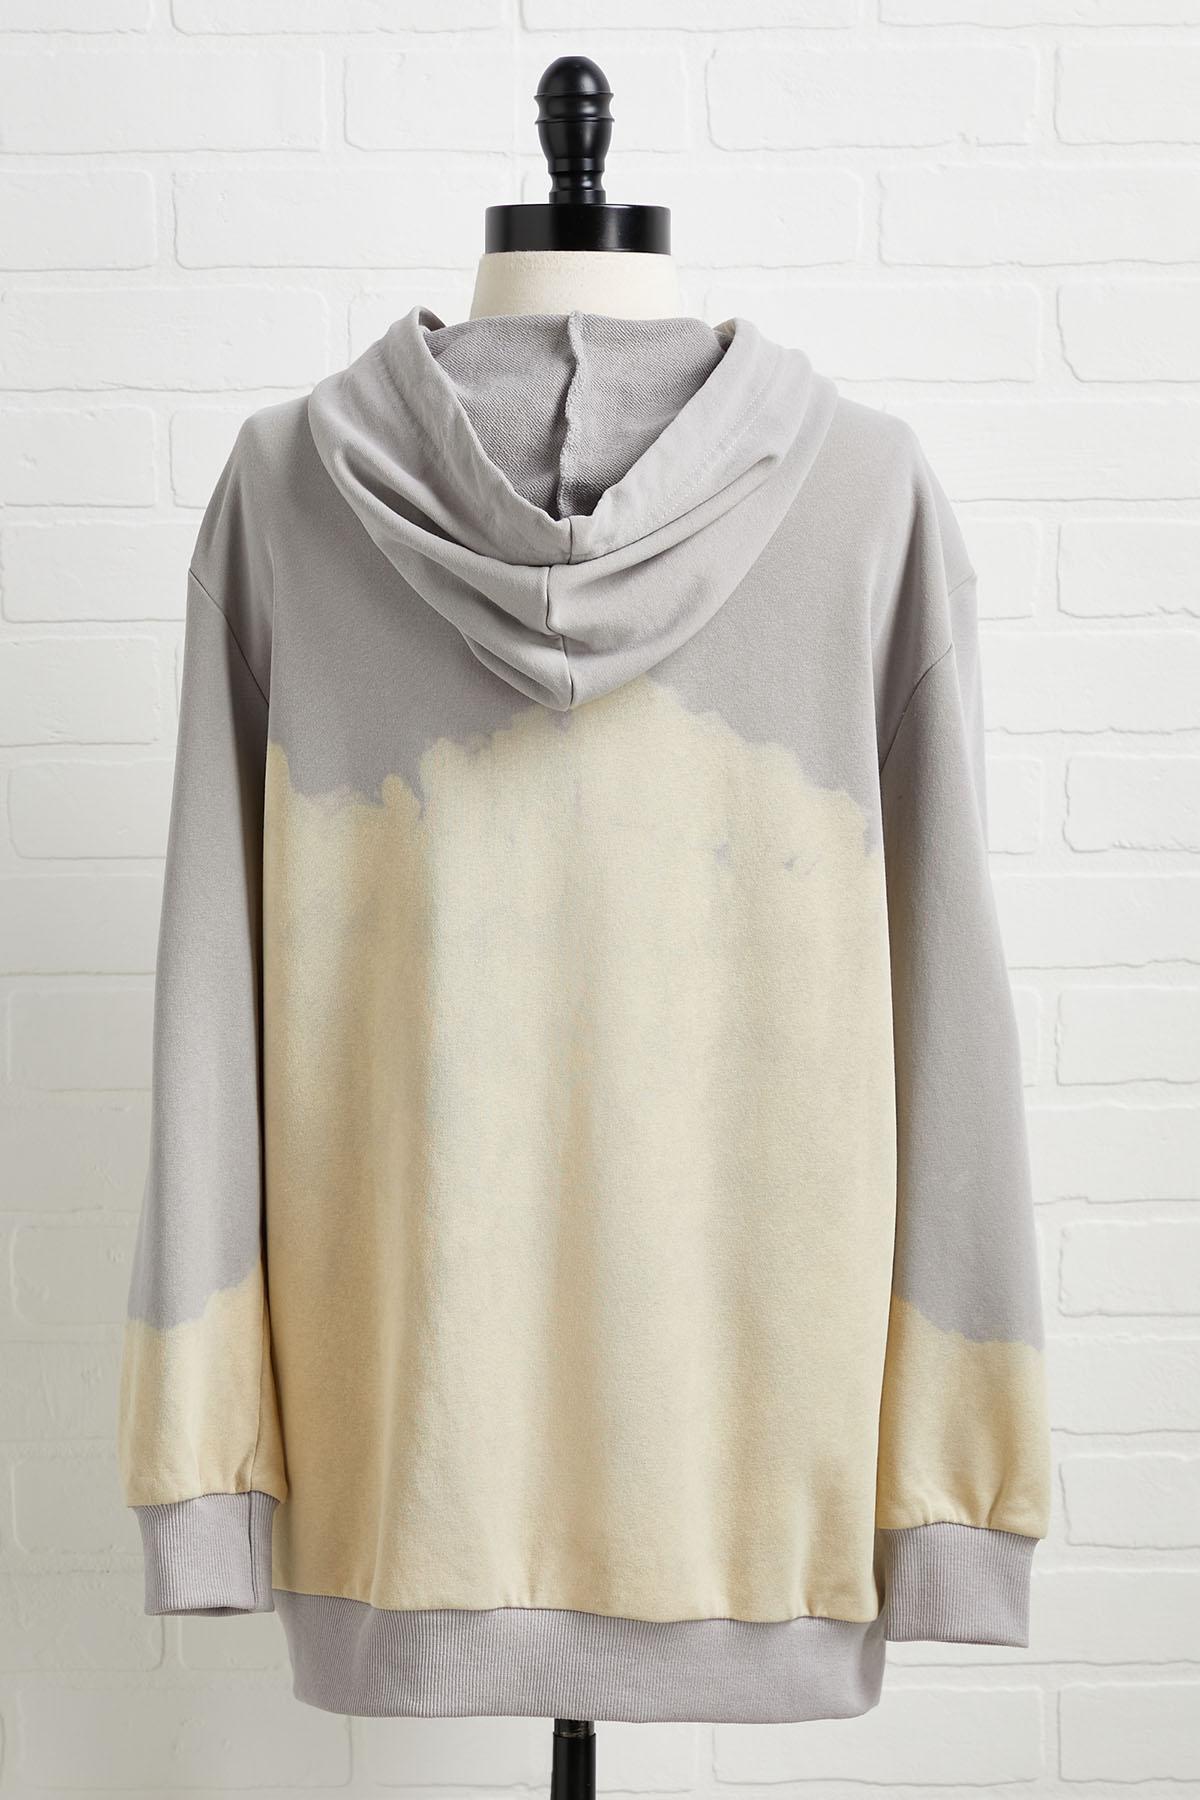 To Bleach Their Own Sweatshirt